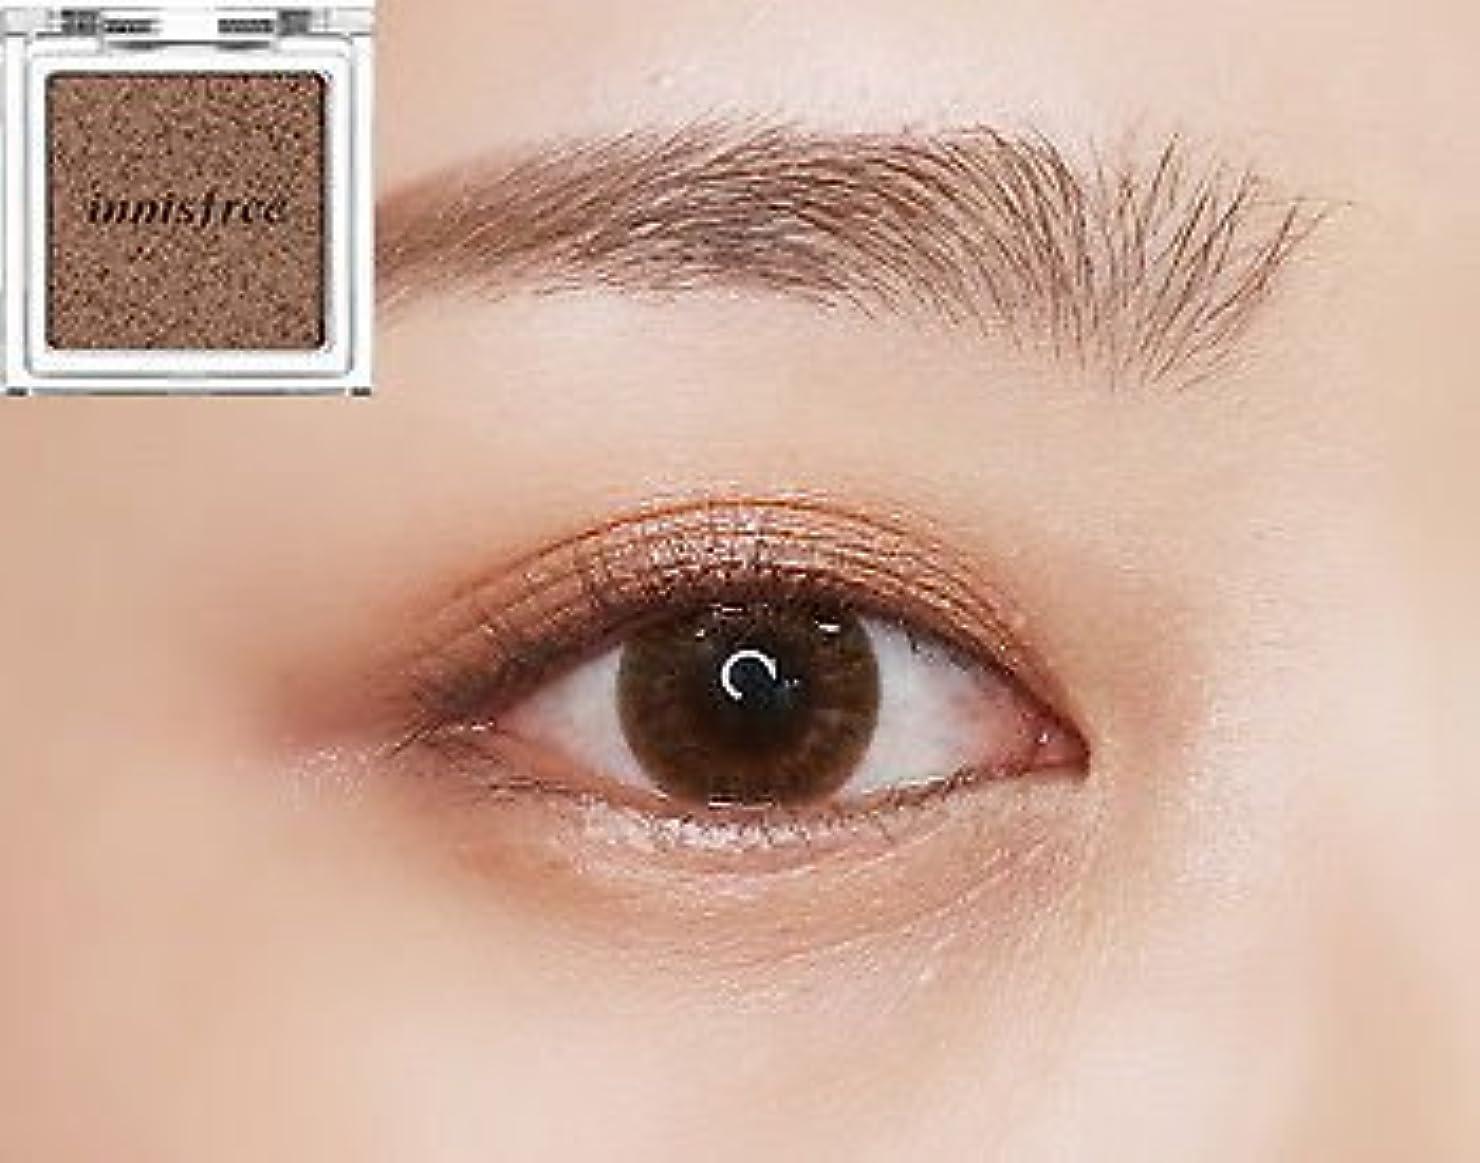 レタスまあ同封する[イニスフリー] innisfree [マイ パレット マイ アイシャドウ (グリッタ一) 20カラー] MY PALETTE My Eyeshadow (Glitter) 20 Shades [海外直送品] (グリッタ...